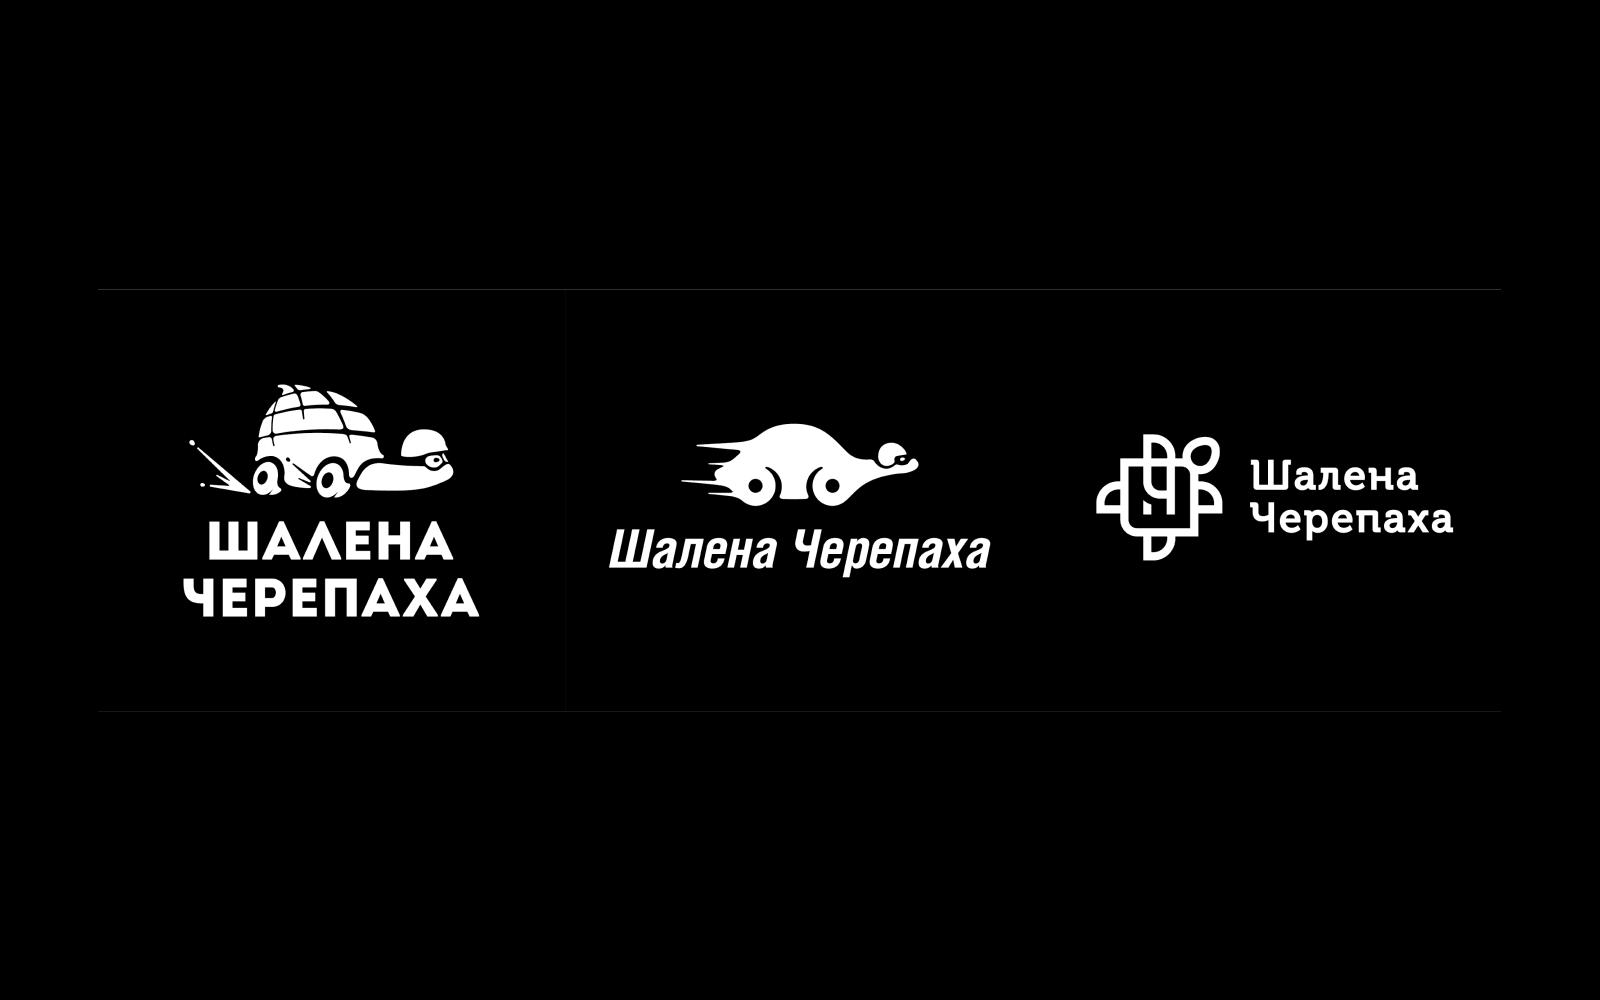 концепции редизайна логотипа